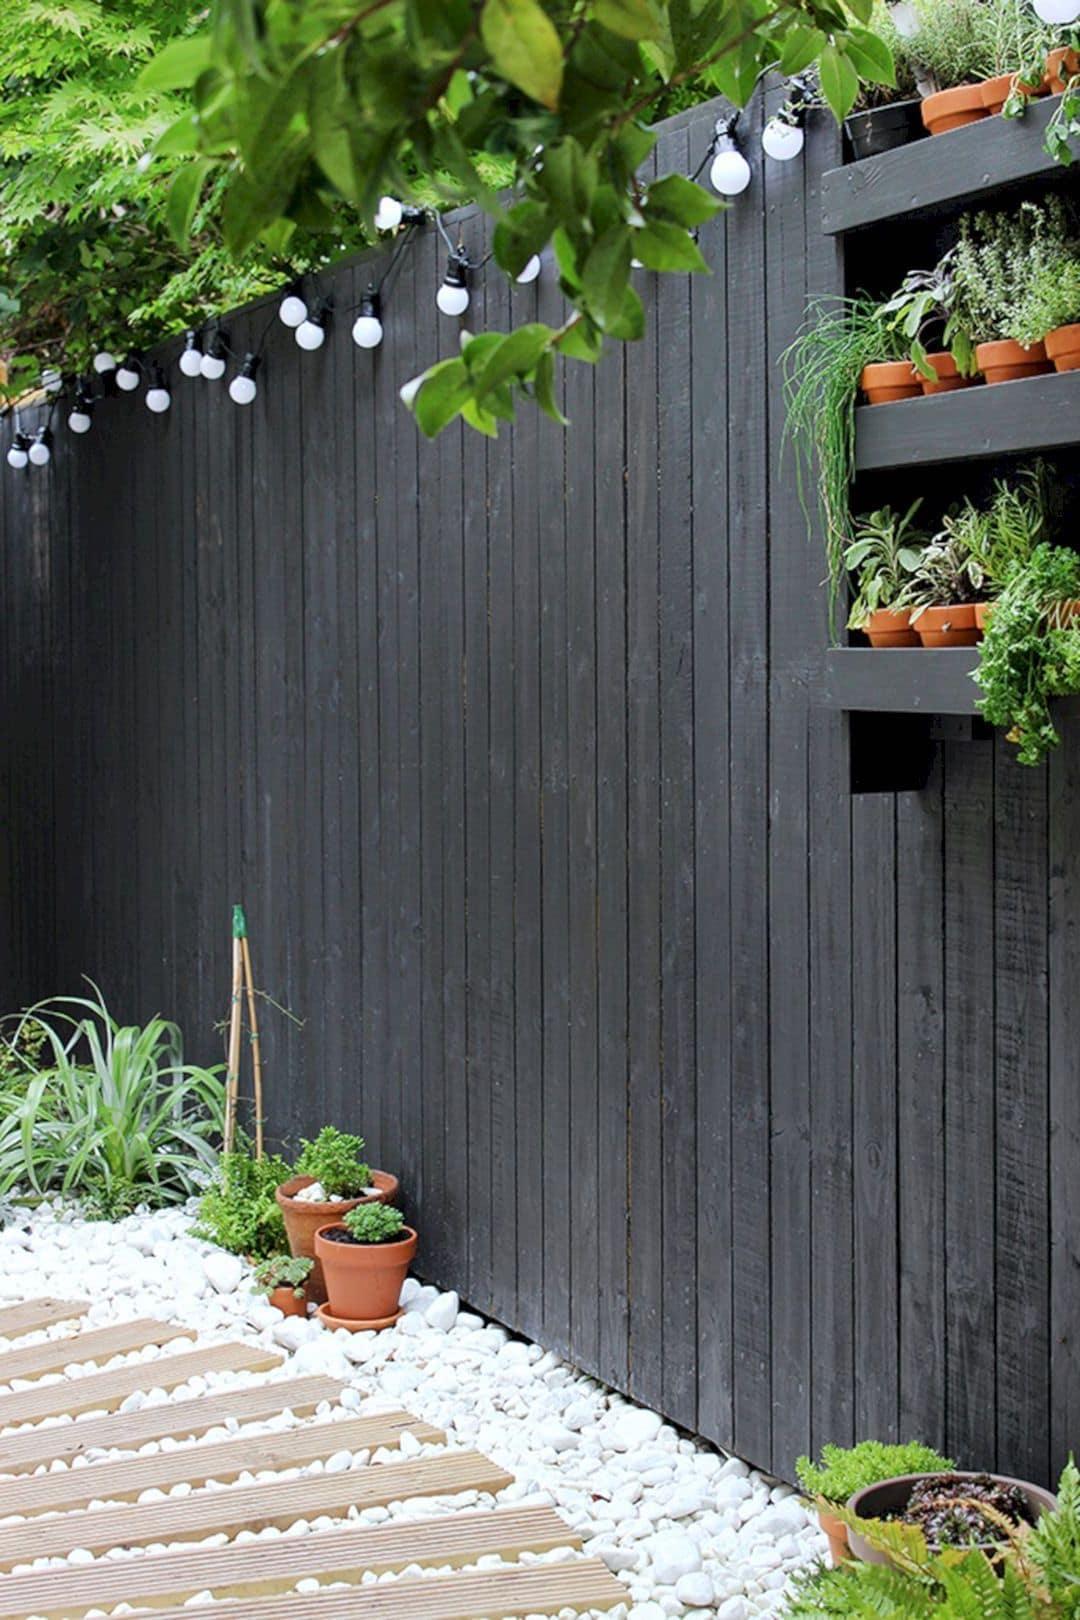 Забор из дерева, окрашенный в темный или даже черный цвет, подчеркнут белые камешки и яркая подсветка